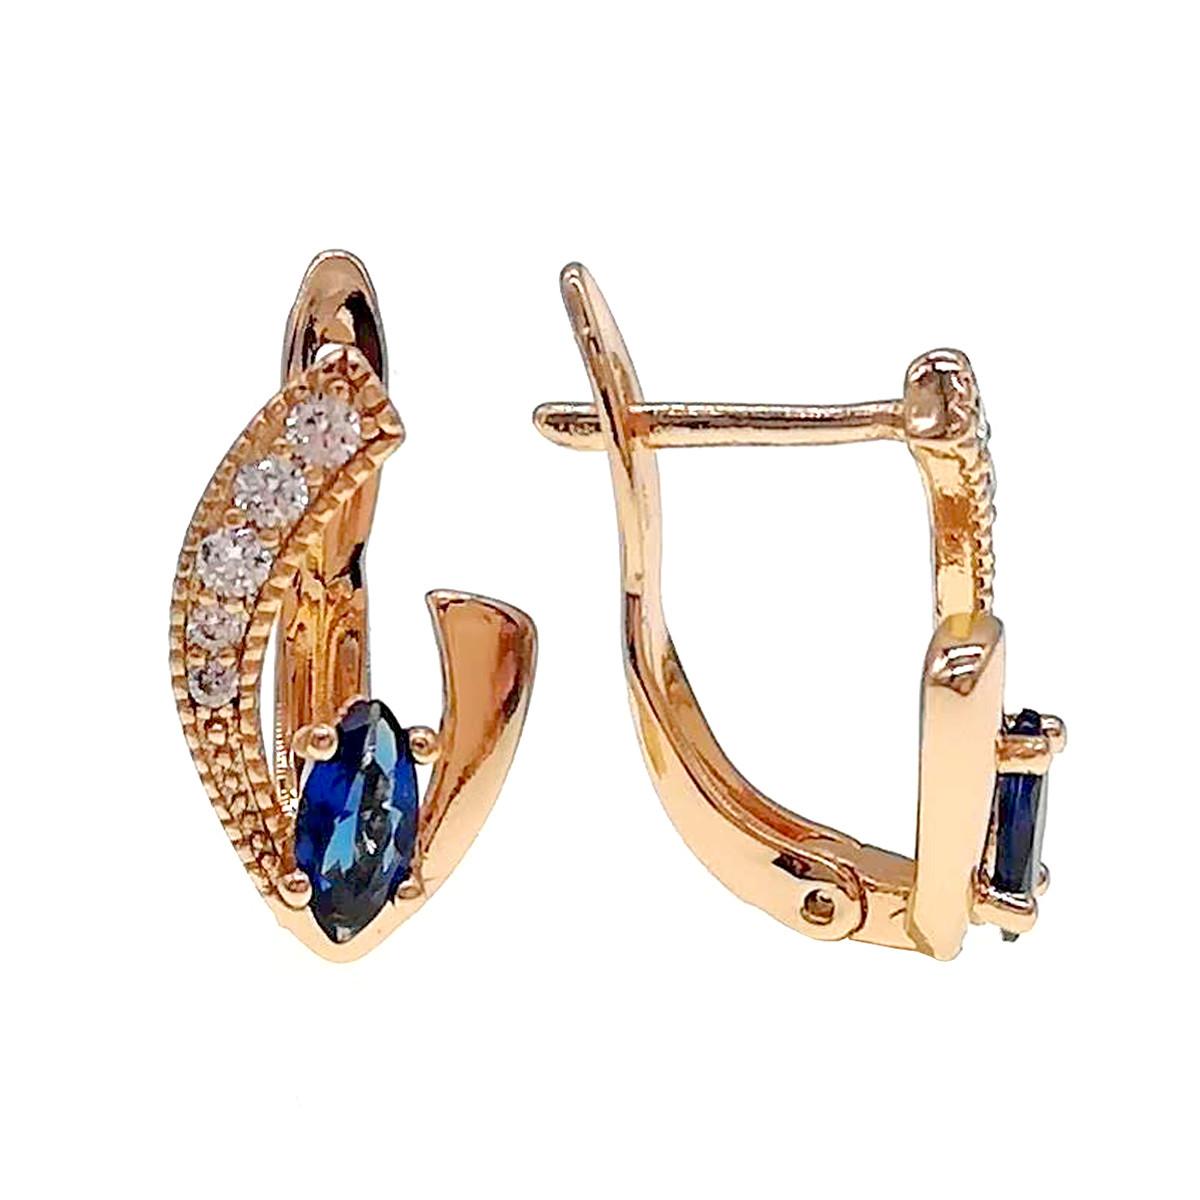 Серьги Xuping из медицинского золота, синие и белые фианиты, позолота 18К, 24222       (1)